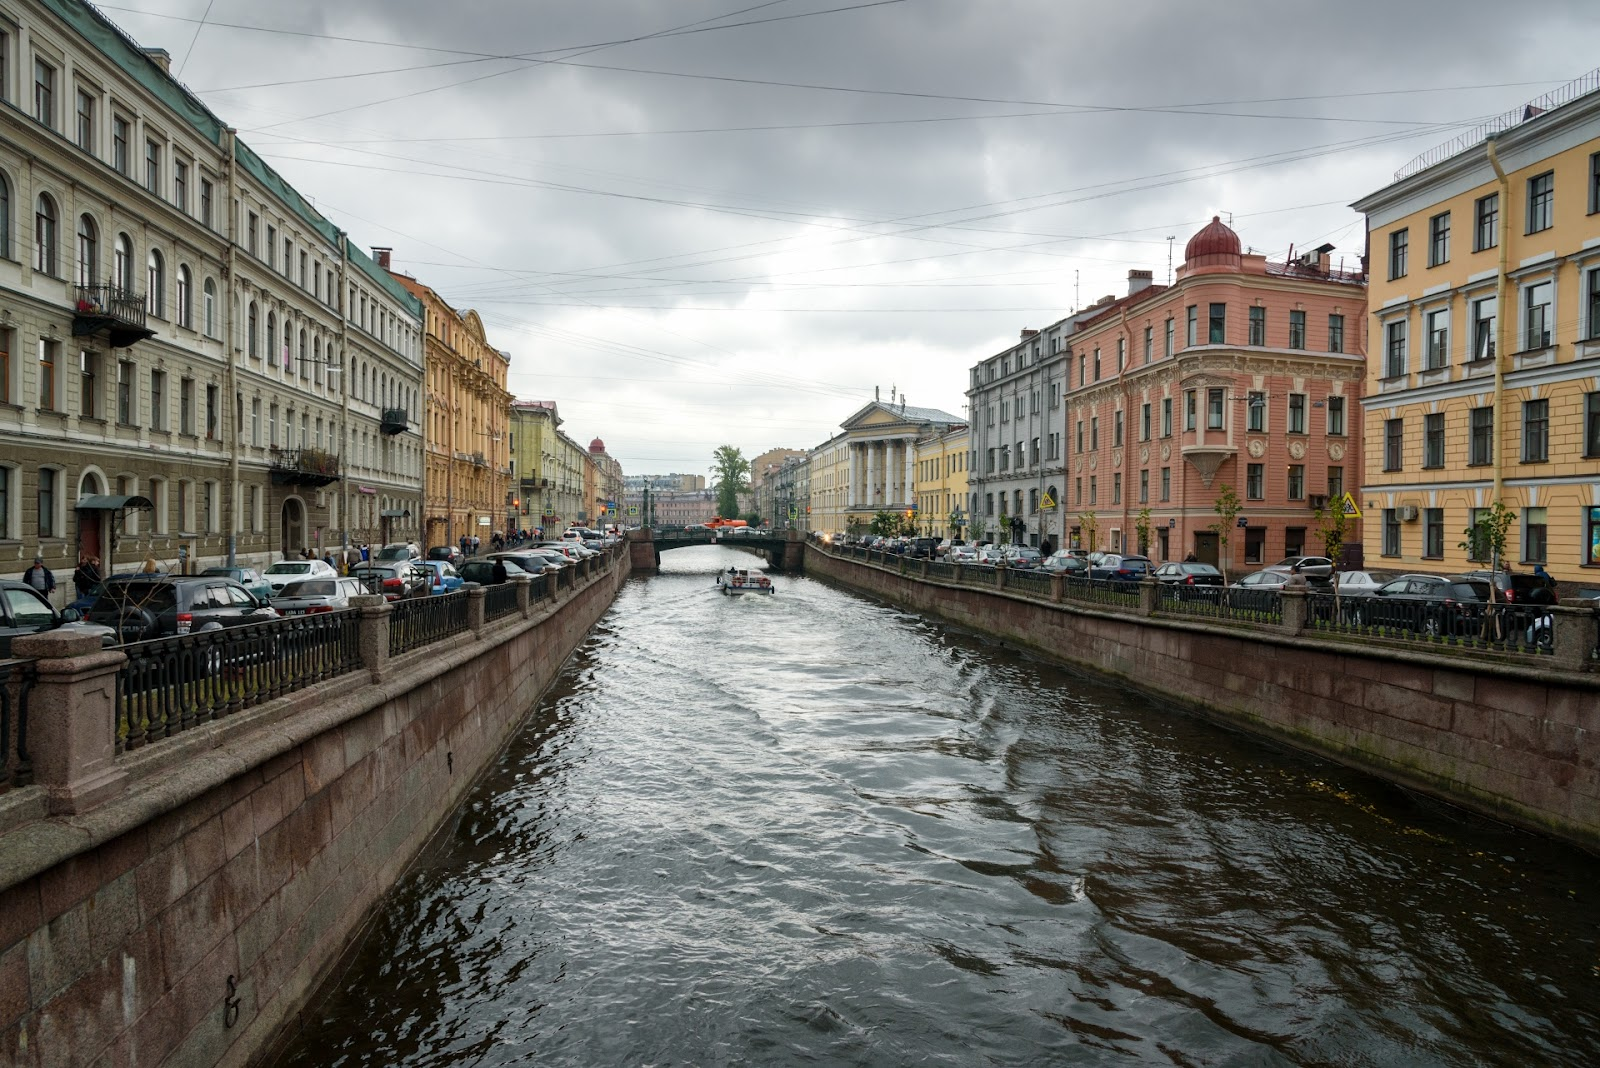 Каналы Санкт-Петербурга. Фотографии